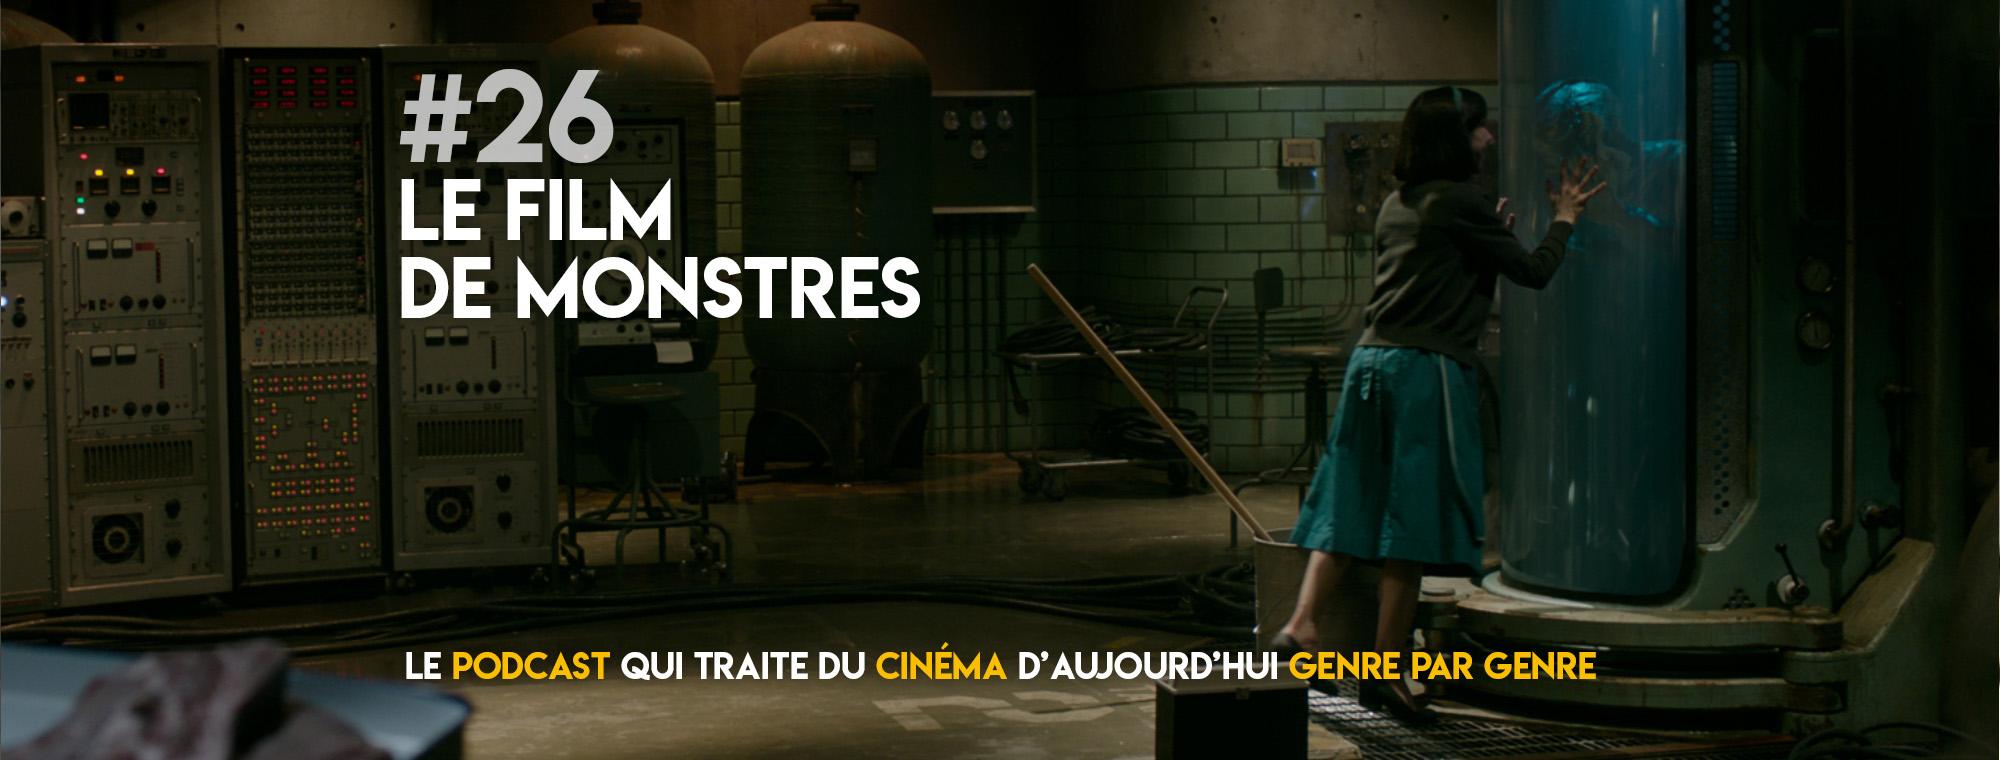 Parlons Péloches - #26 Le film de monstres